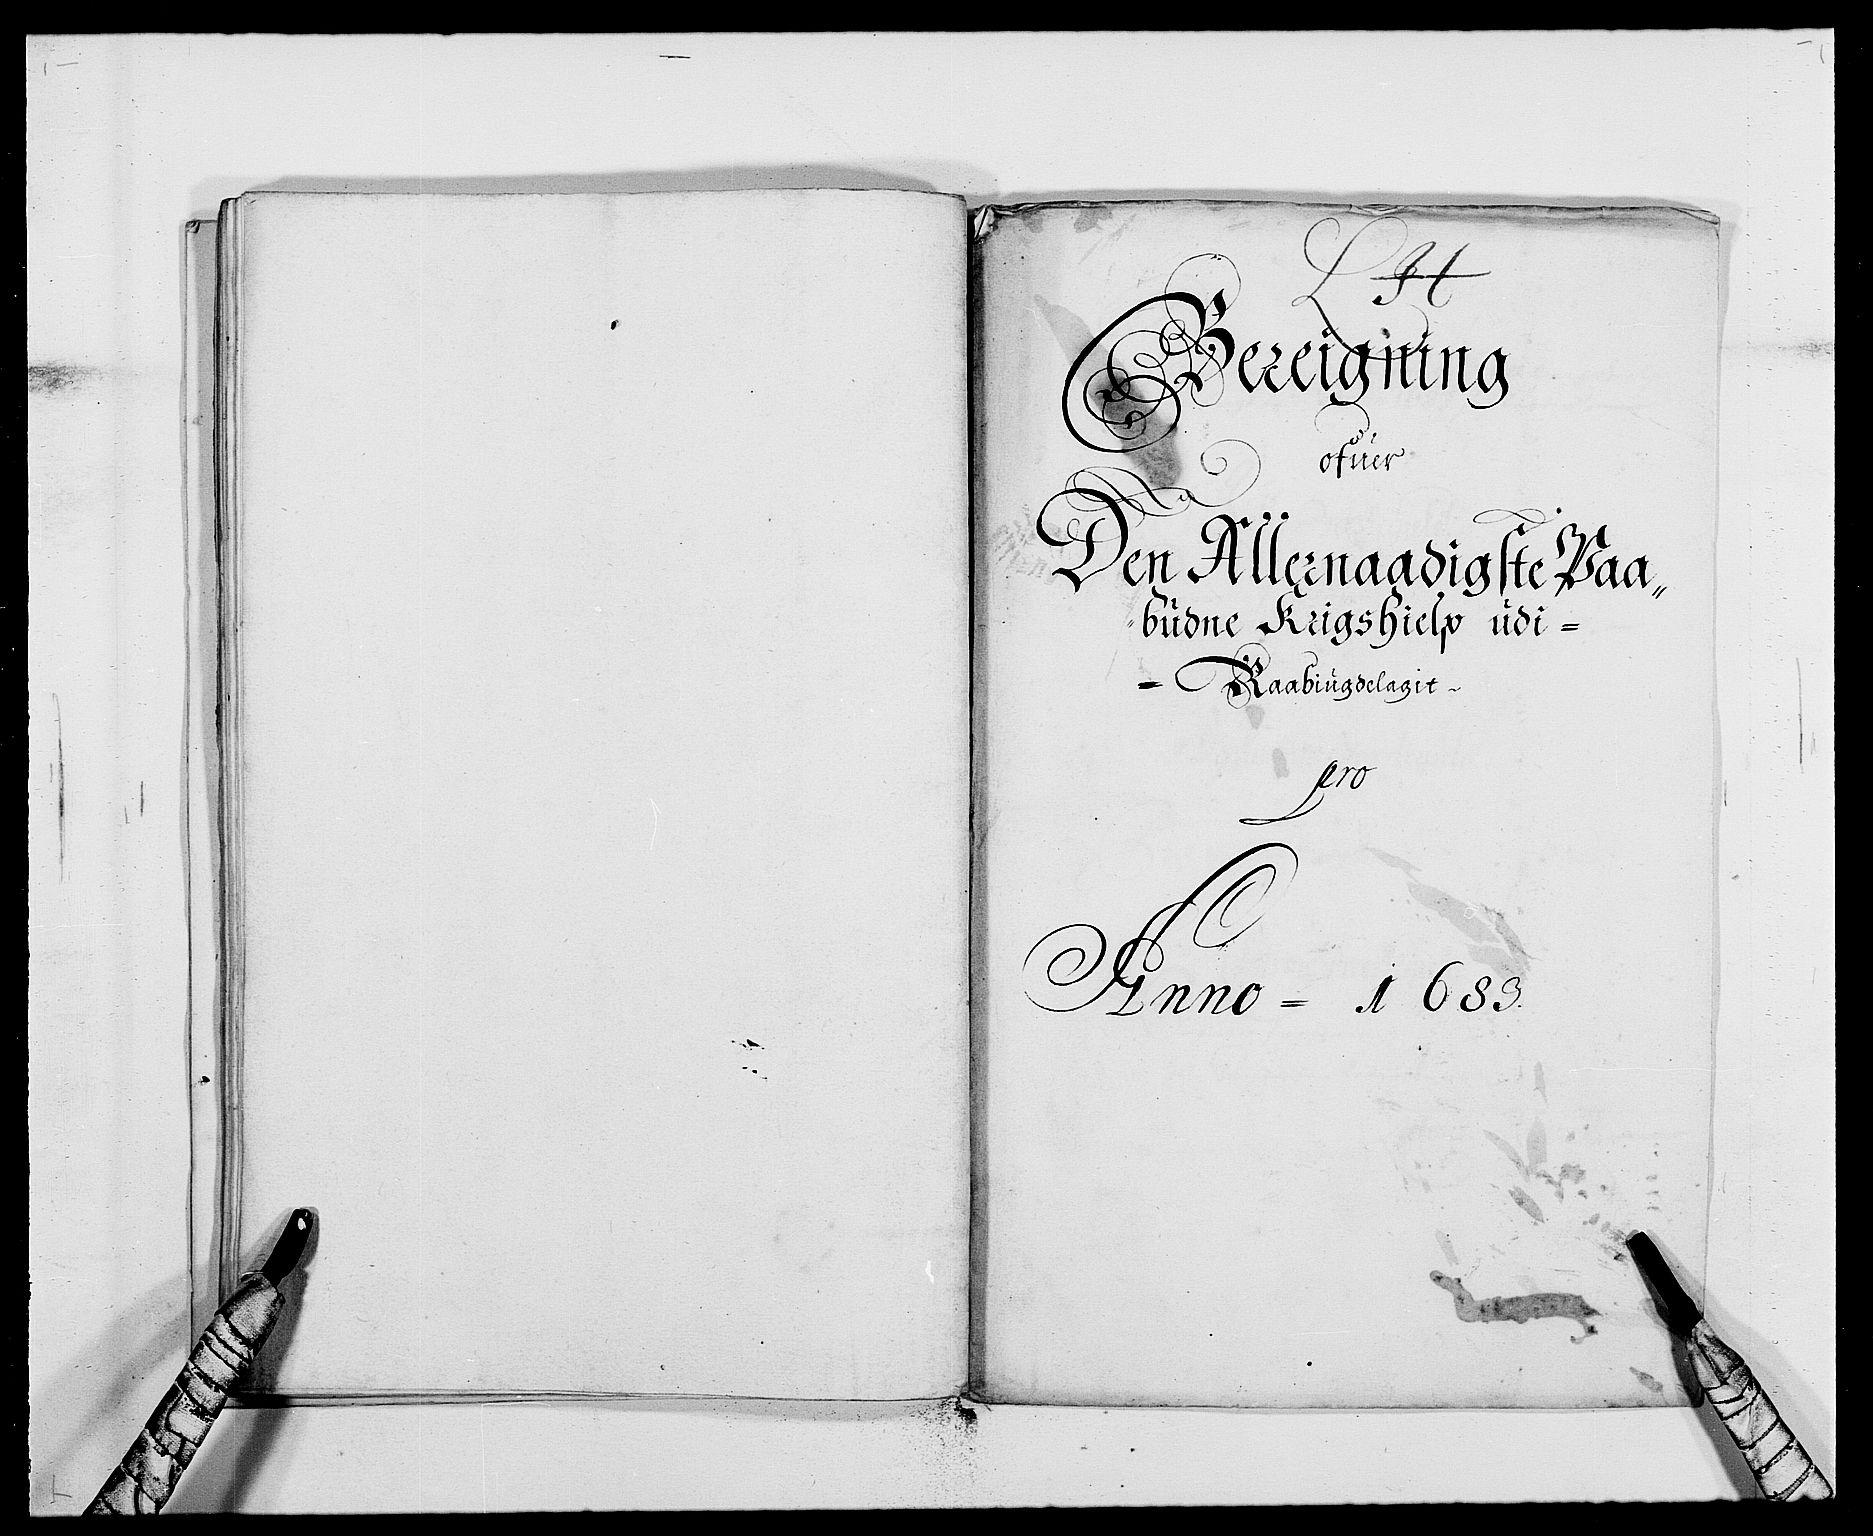 RA, Rentekammeret inntil 1814, Reviderte regnskaper, Fogderegnskap, R40/L2438: Fogderegnskap Råbyggelag, 1682-1683, s. 371